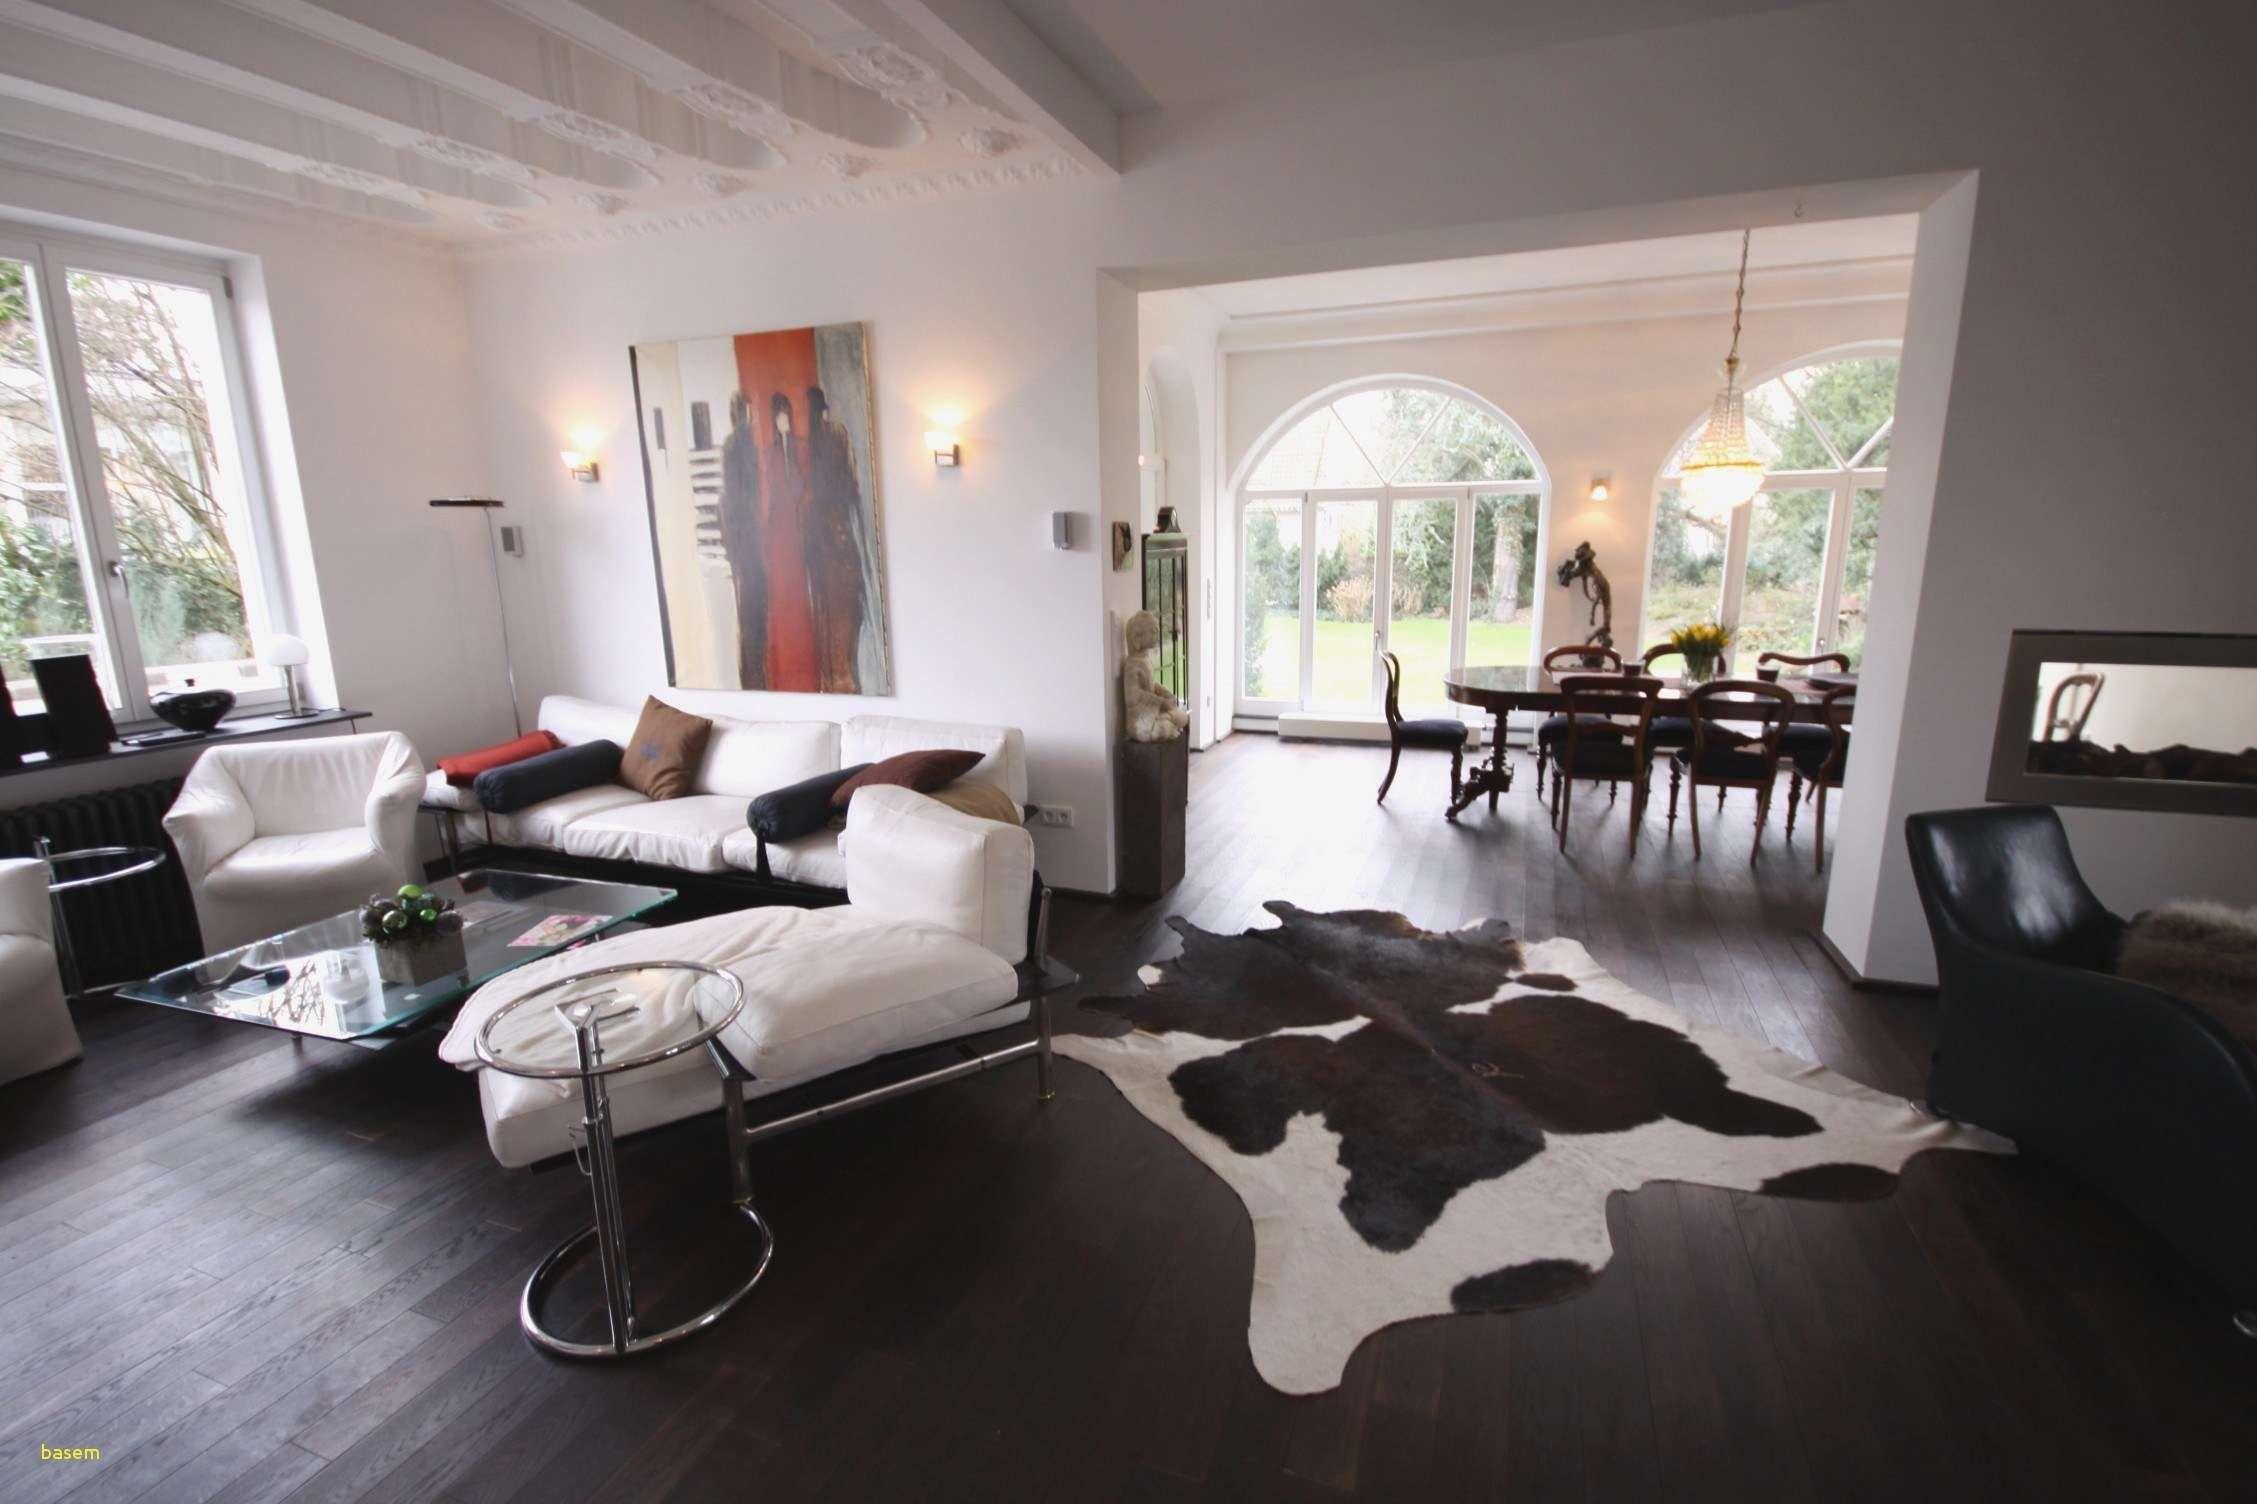 9+ Wohnzimmer Ideen ideas in 9  home decor, home, interior